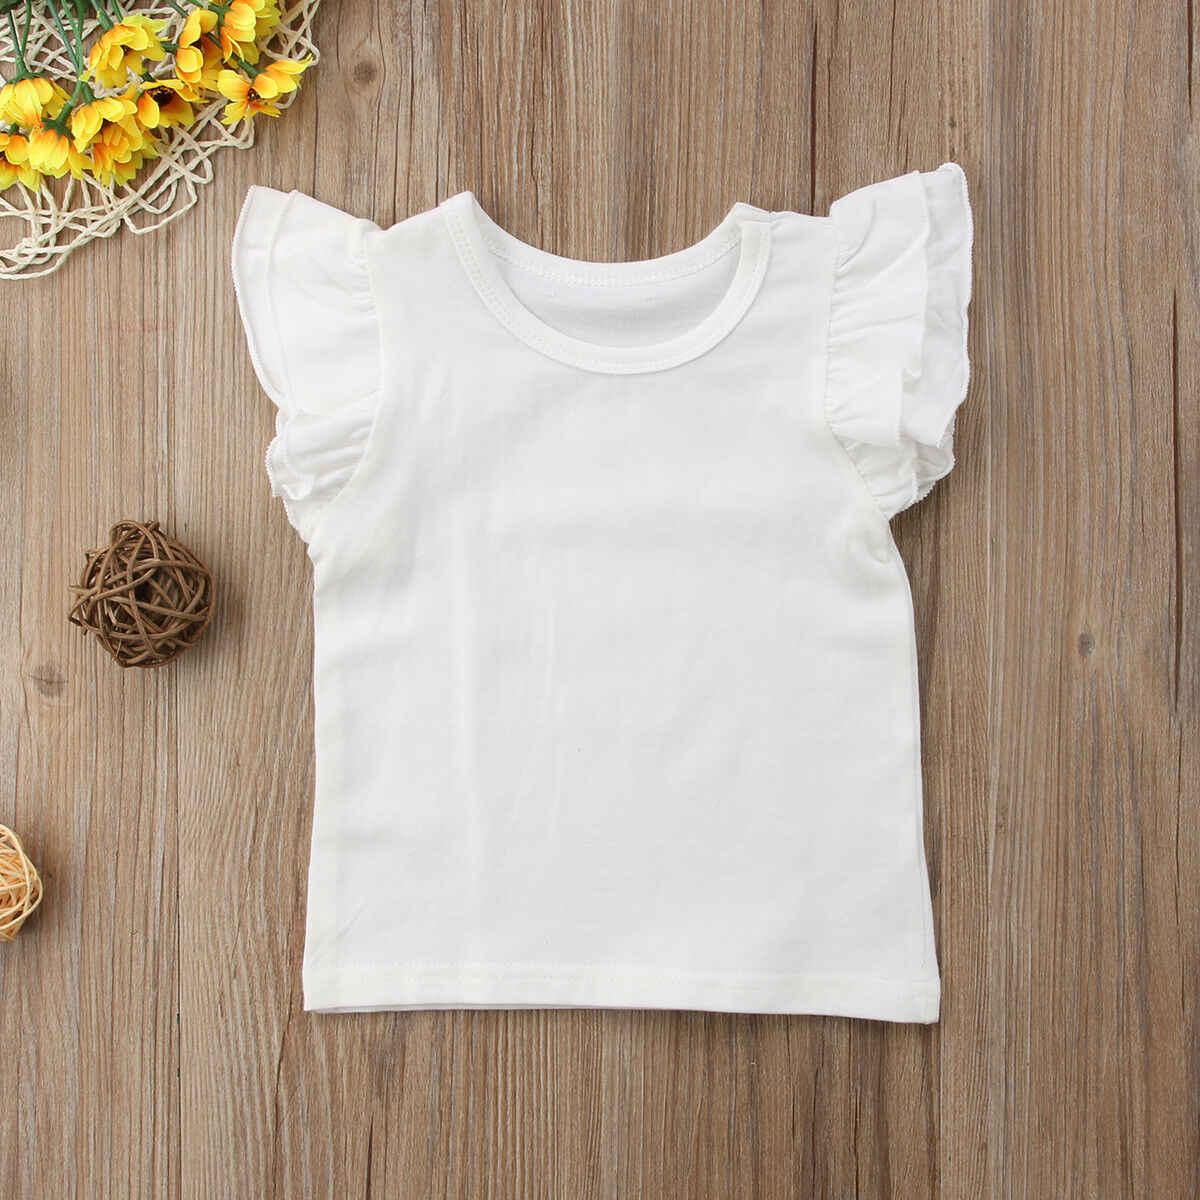 2019 Bebek Yaz Giyim Toddler Bebek Kız Erkek Uçan Kollu Gömlek Tops Kıyafetler Çocuk Katı Elbise Tee 0-4 T